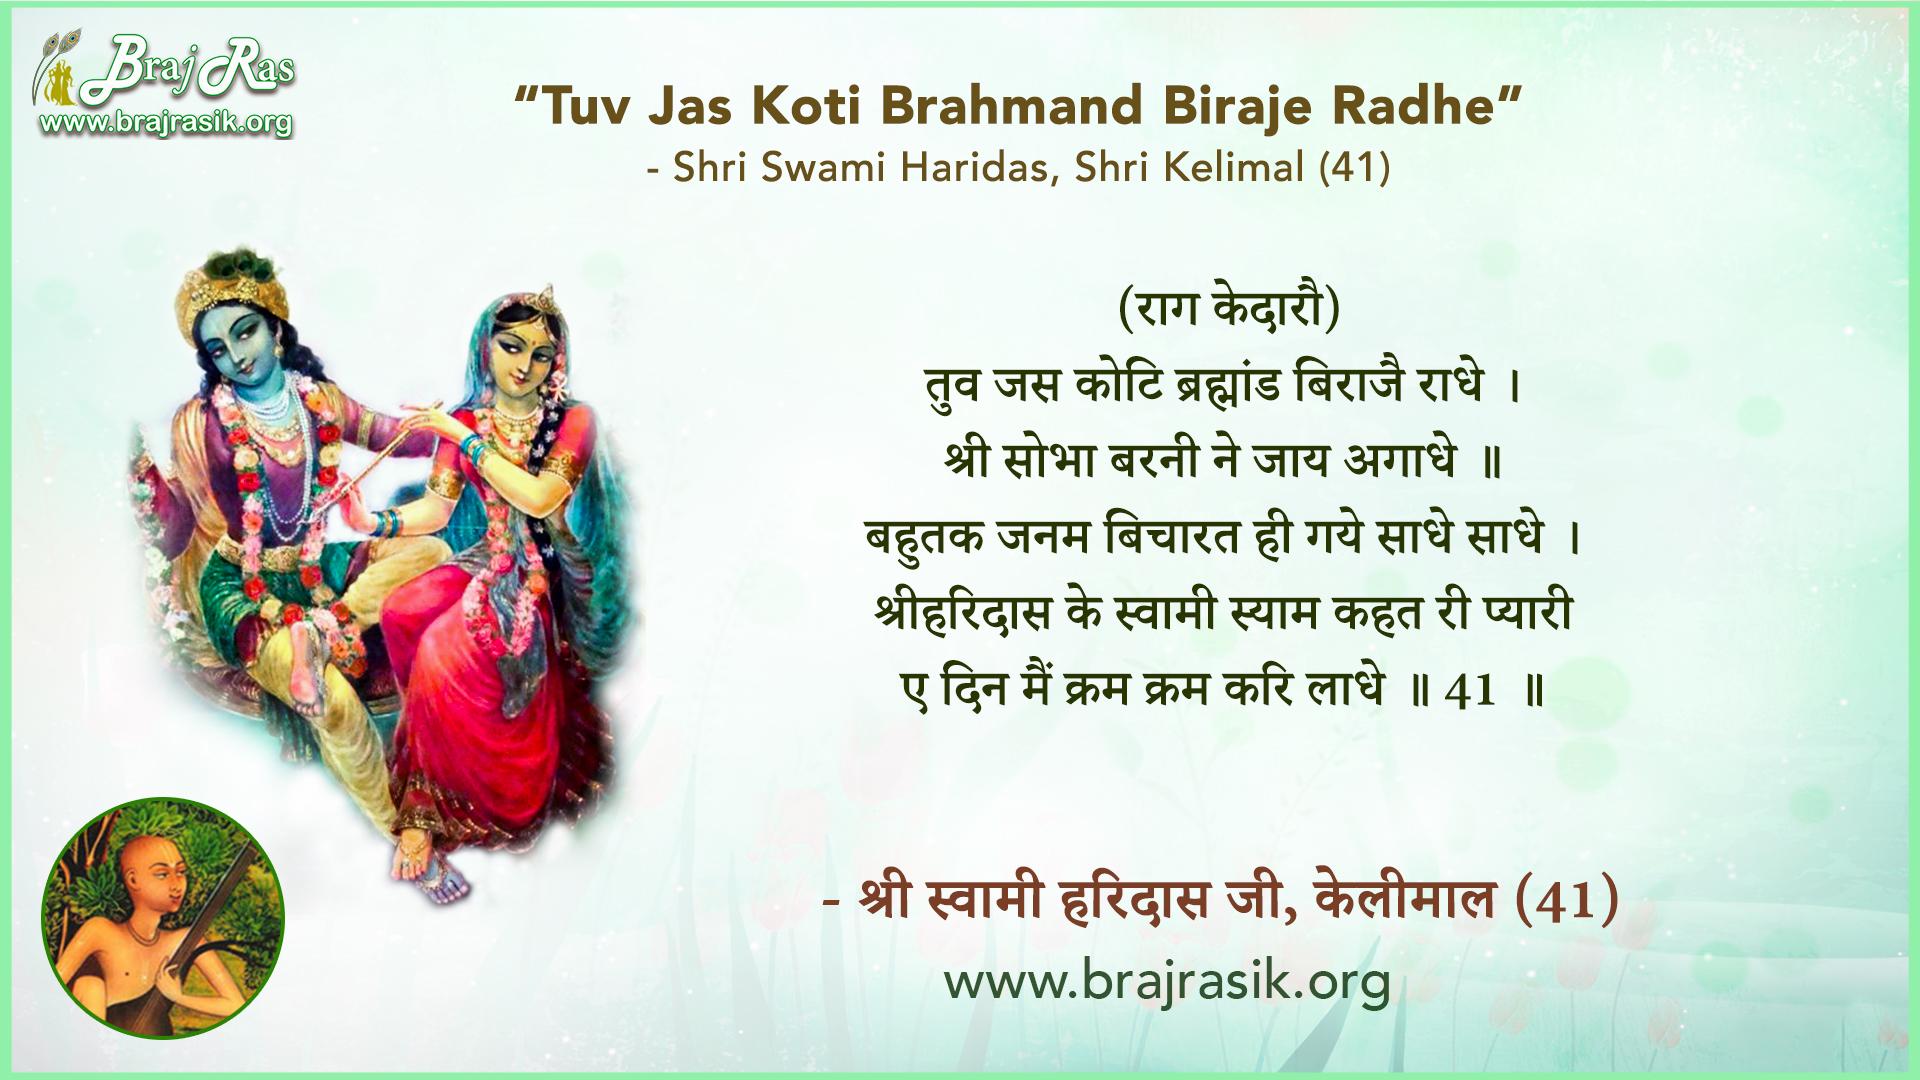 Tuv Jas Koti Brahmand Birajai Radhe - Shri Swami Haridas, Shri Kelimal (41)